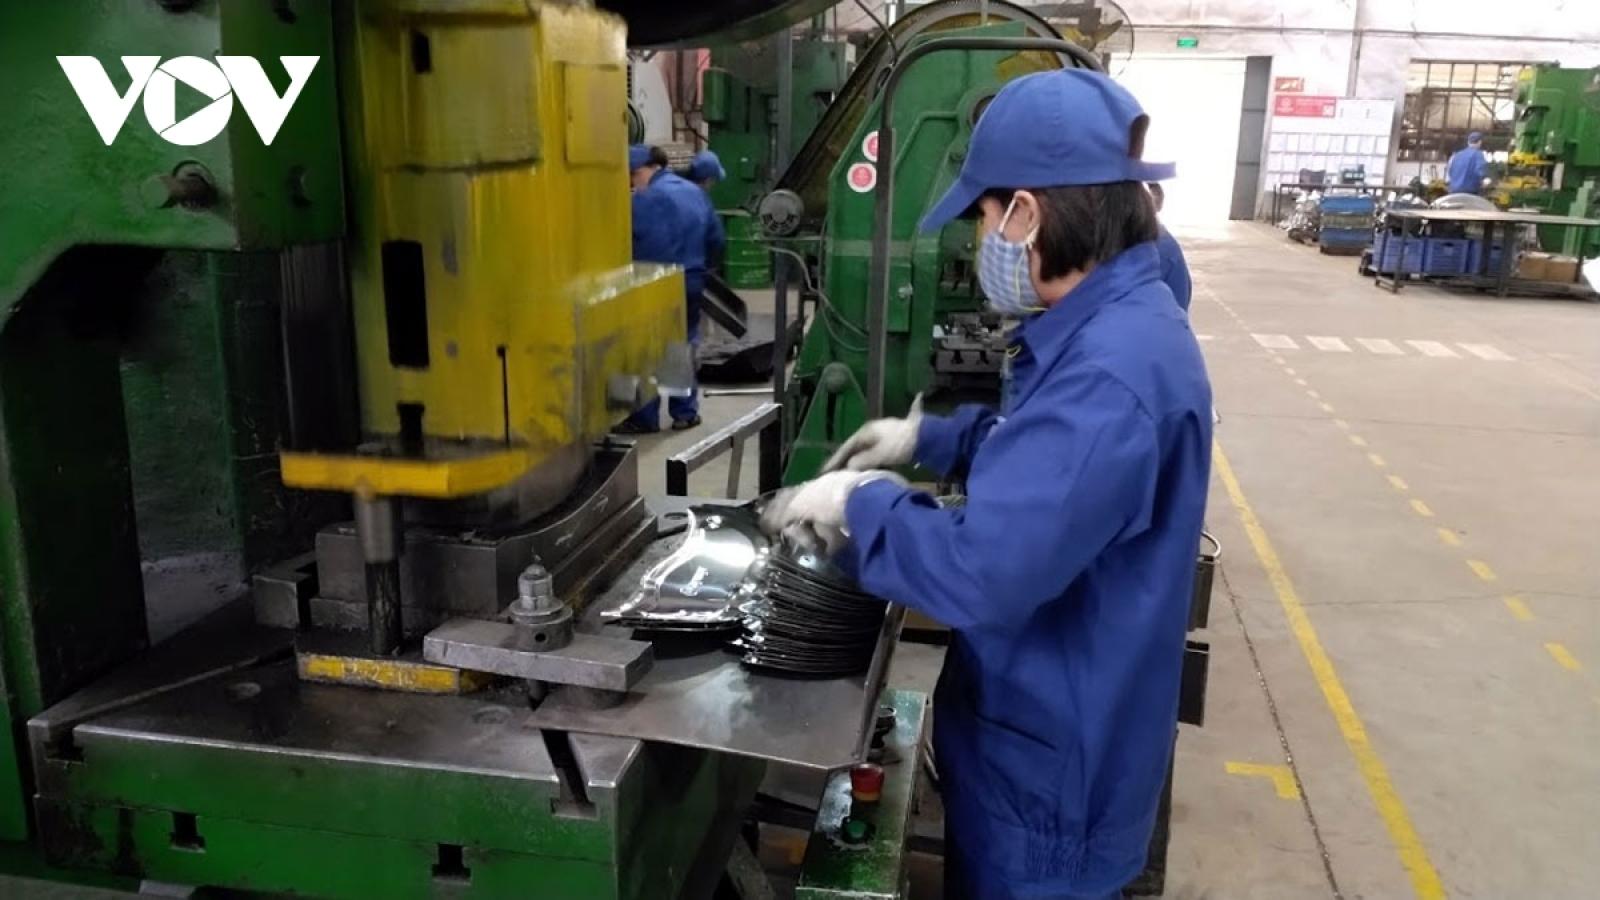 Kim ngạch xuất khẩu nhóm hàng công nghiệp chế biến tăng trưởng mạnh